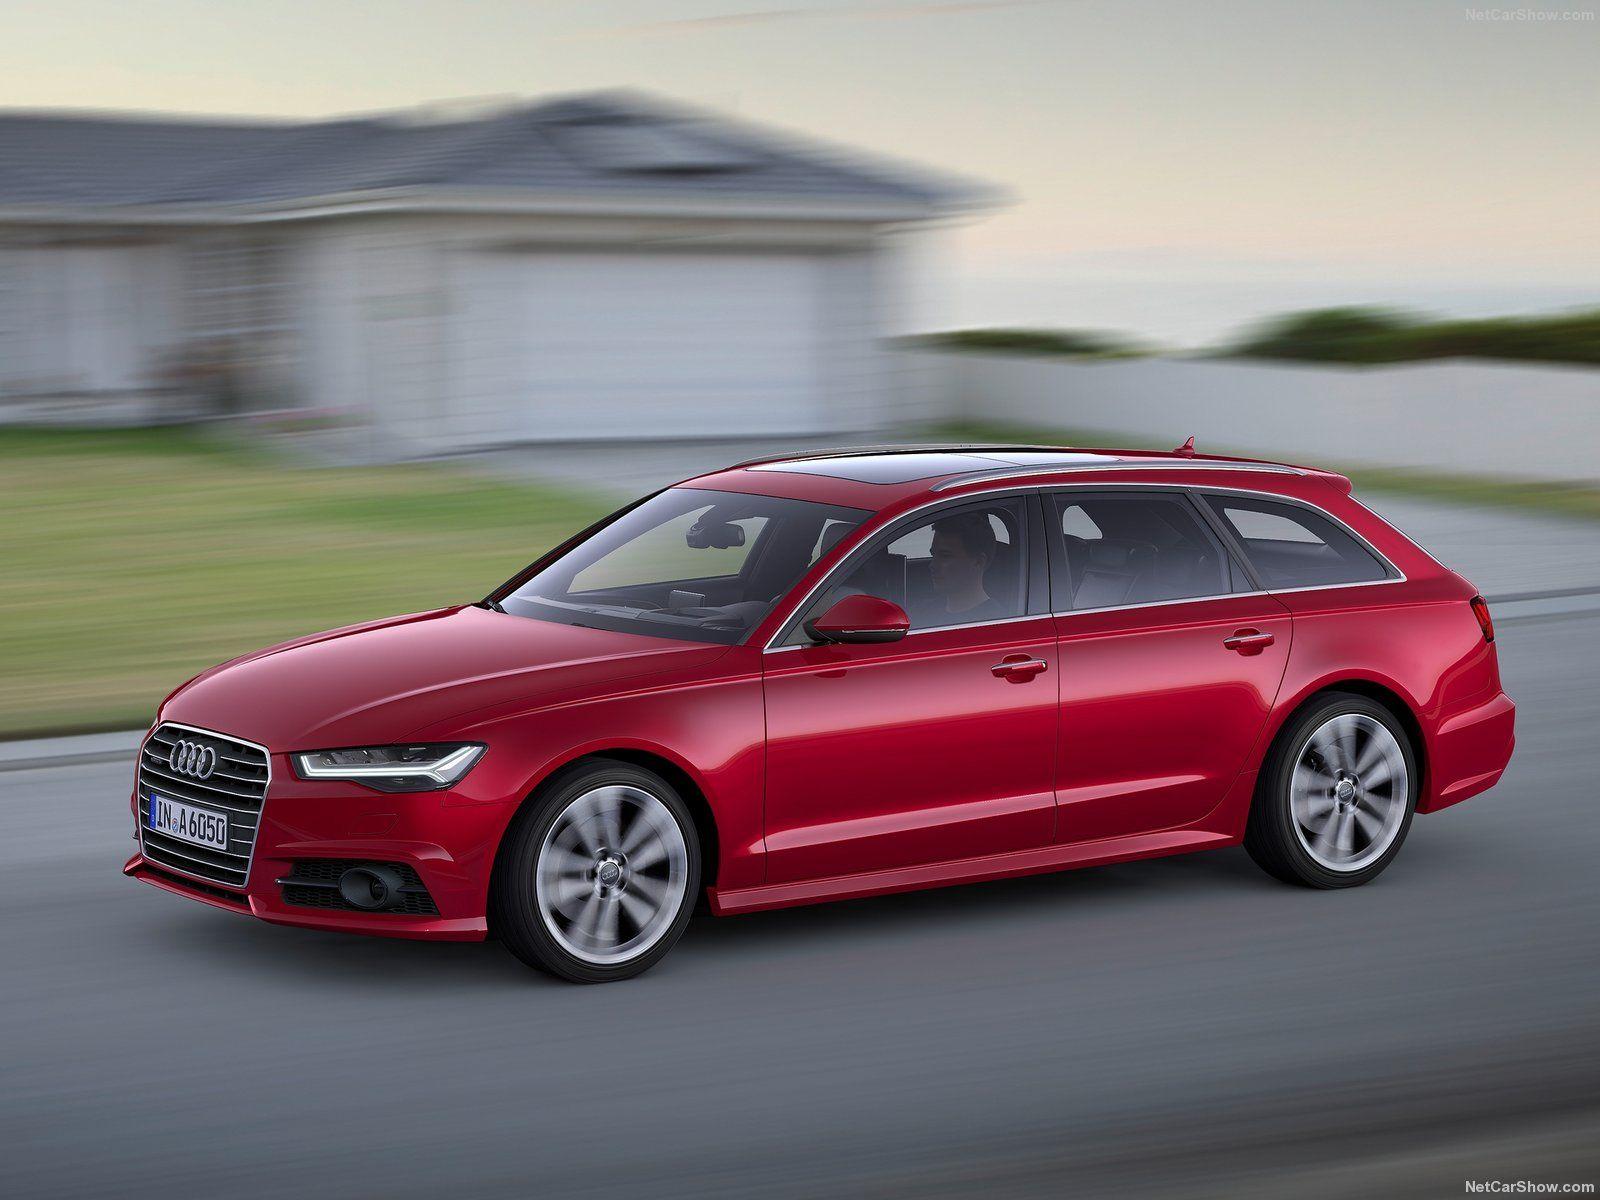 Kelebihan Audi A6 Avant 2017 Harga